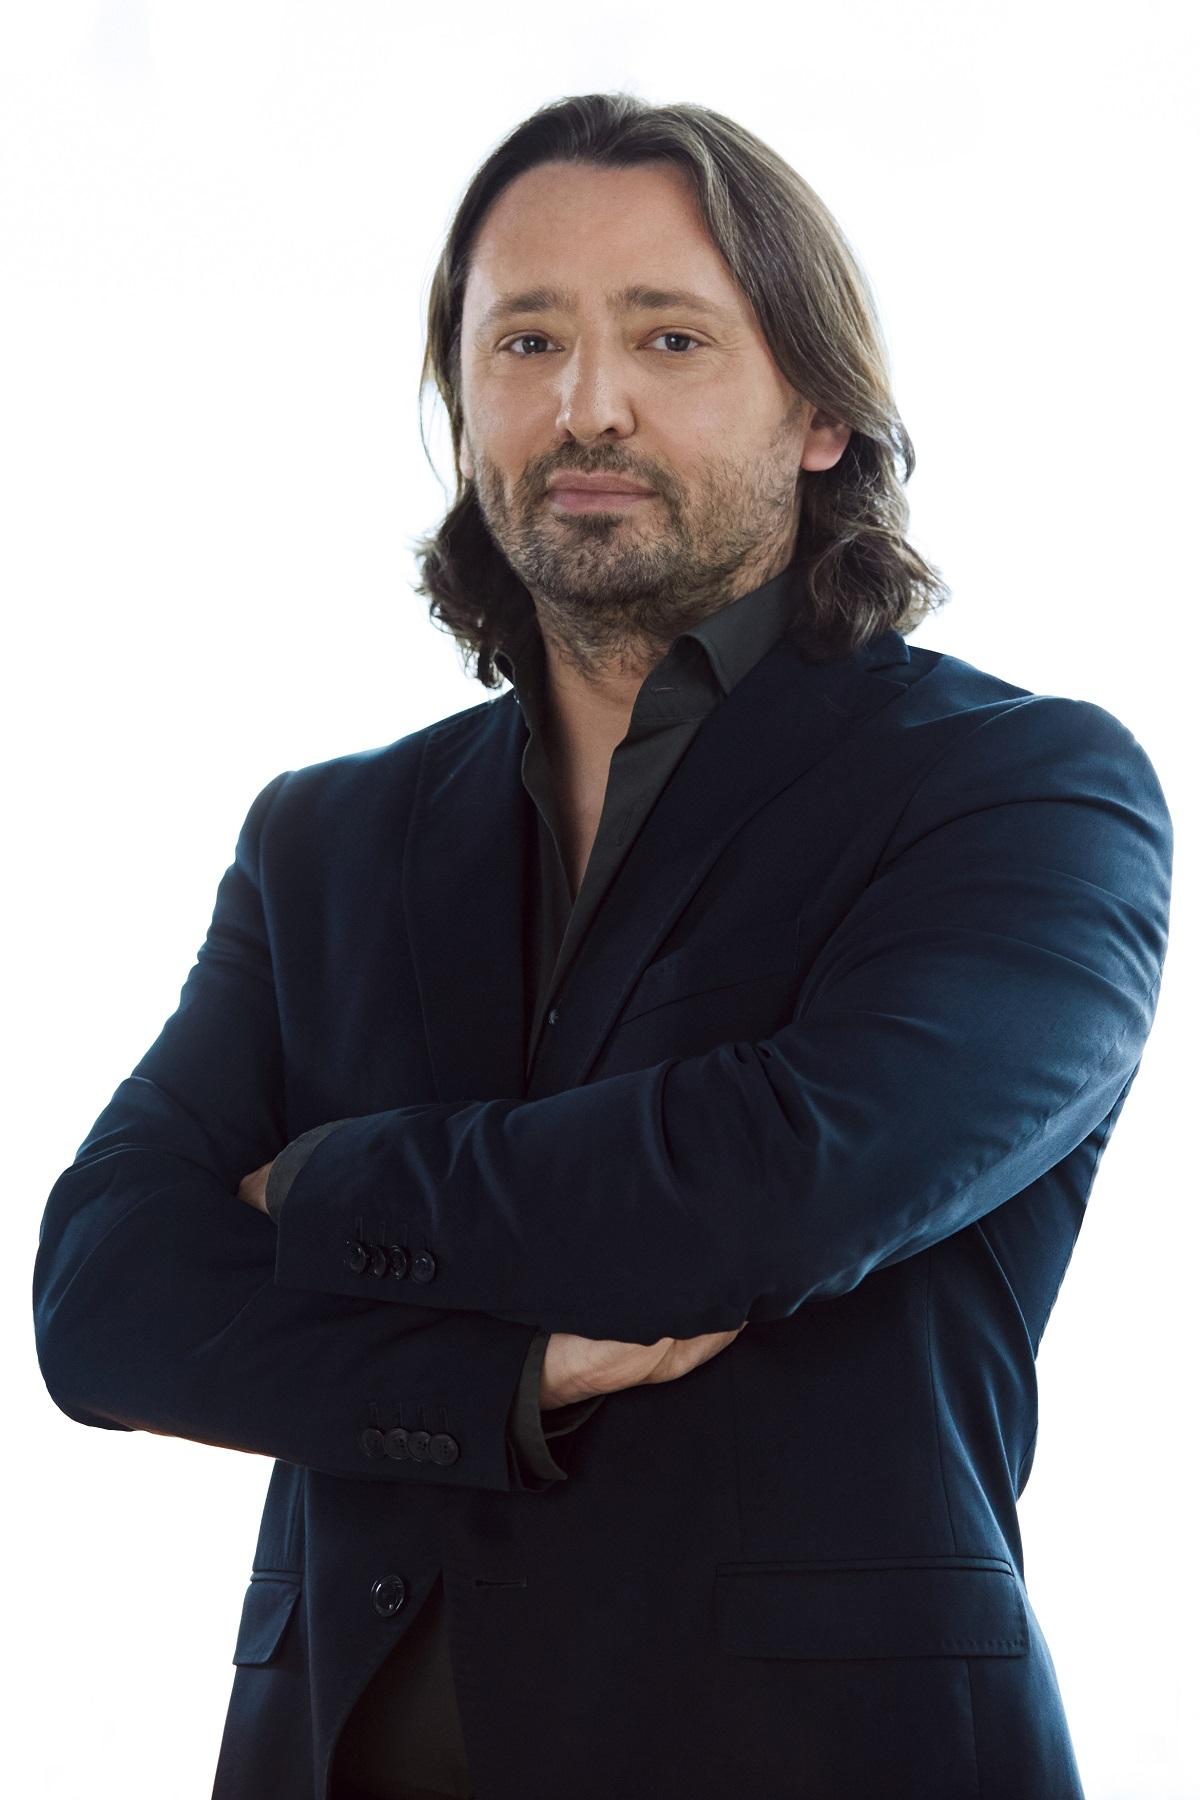 Йозеф Кабан - глава отдела дизайна Rolls-Royce Motor Cars